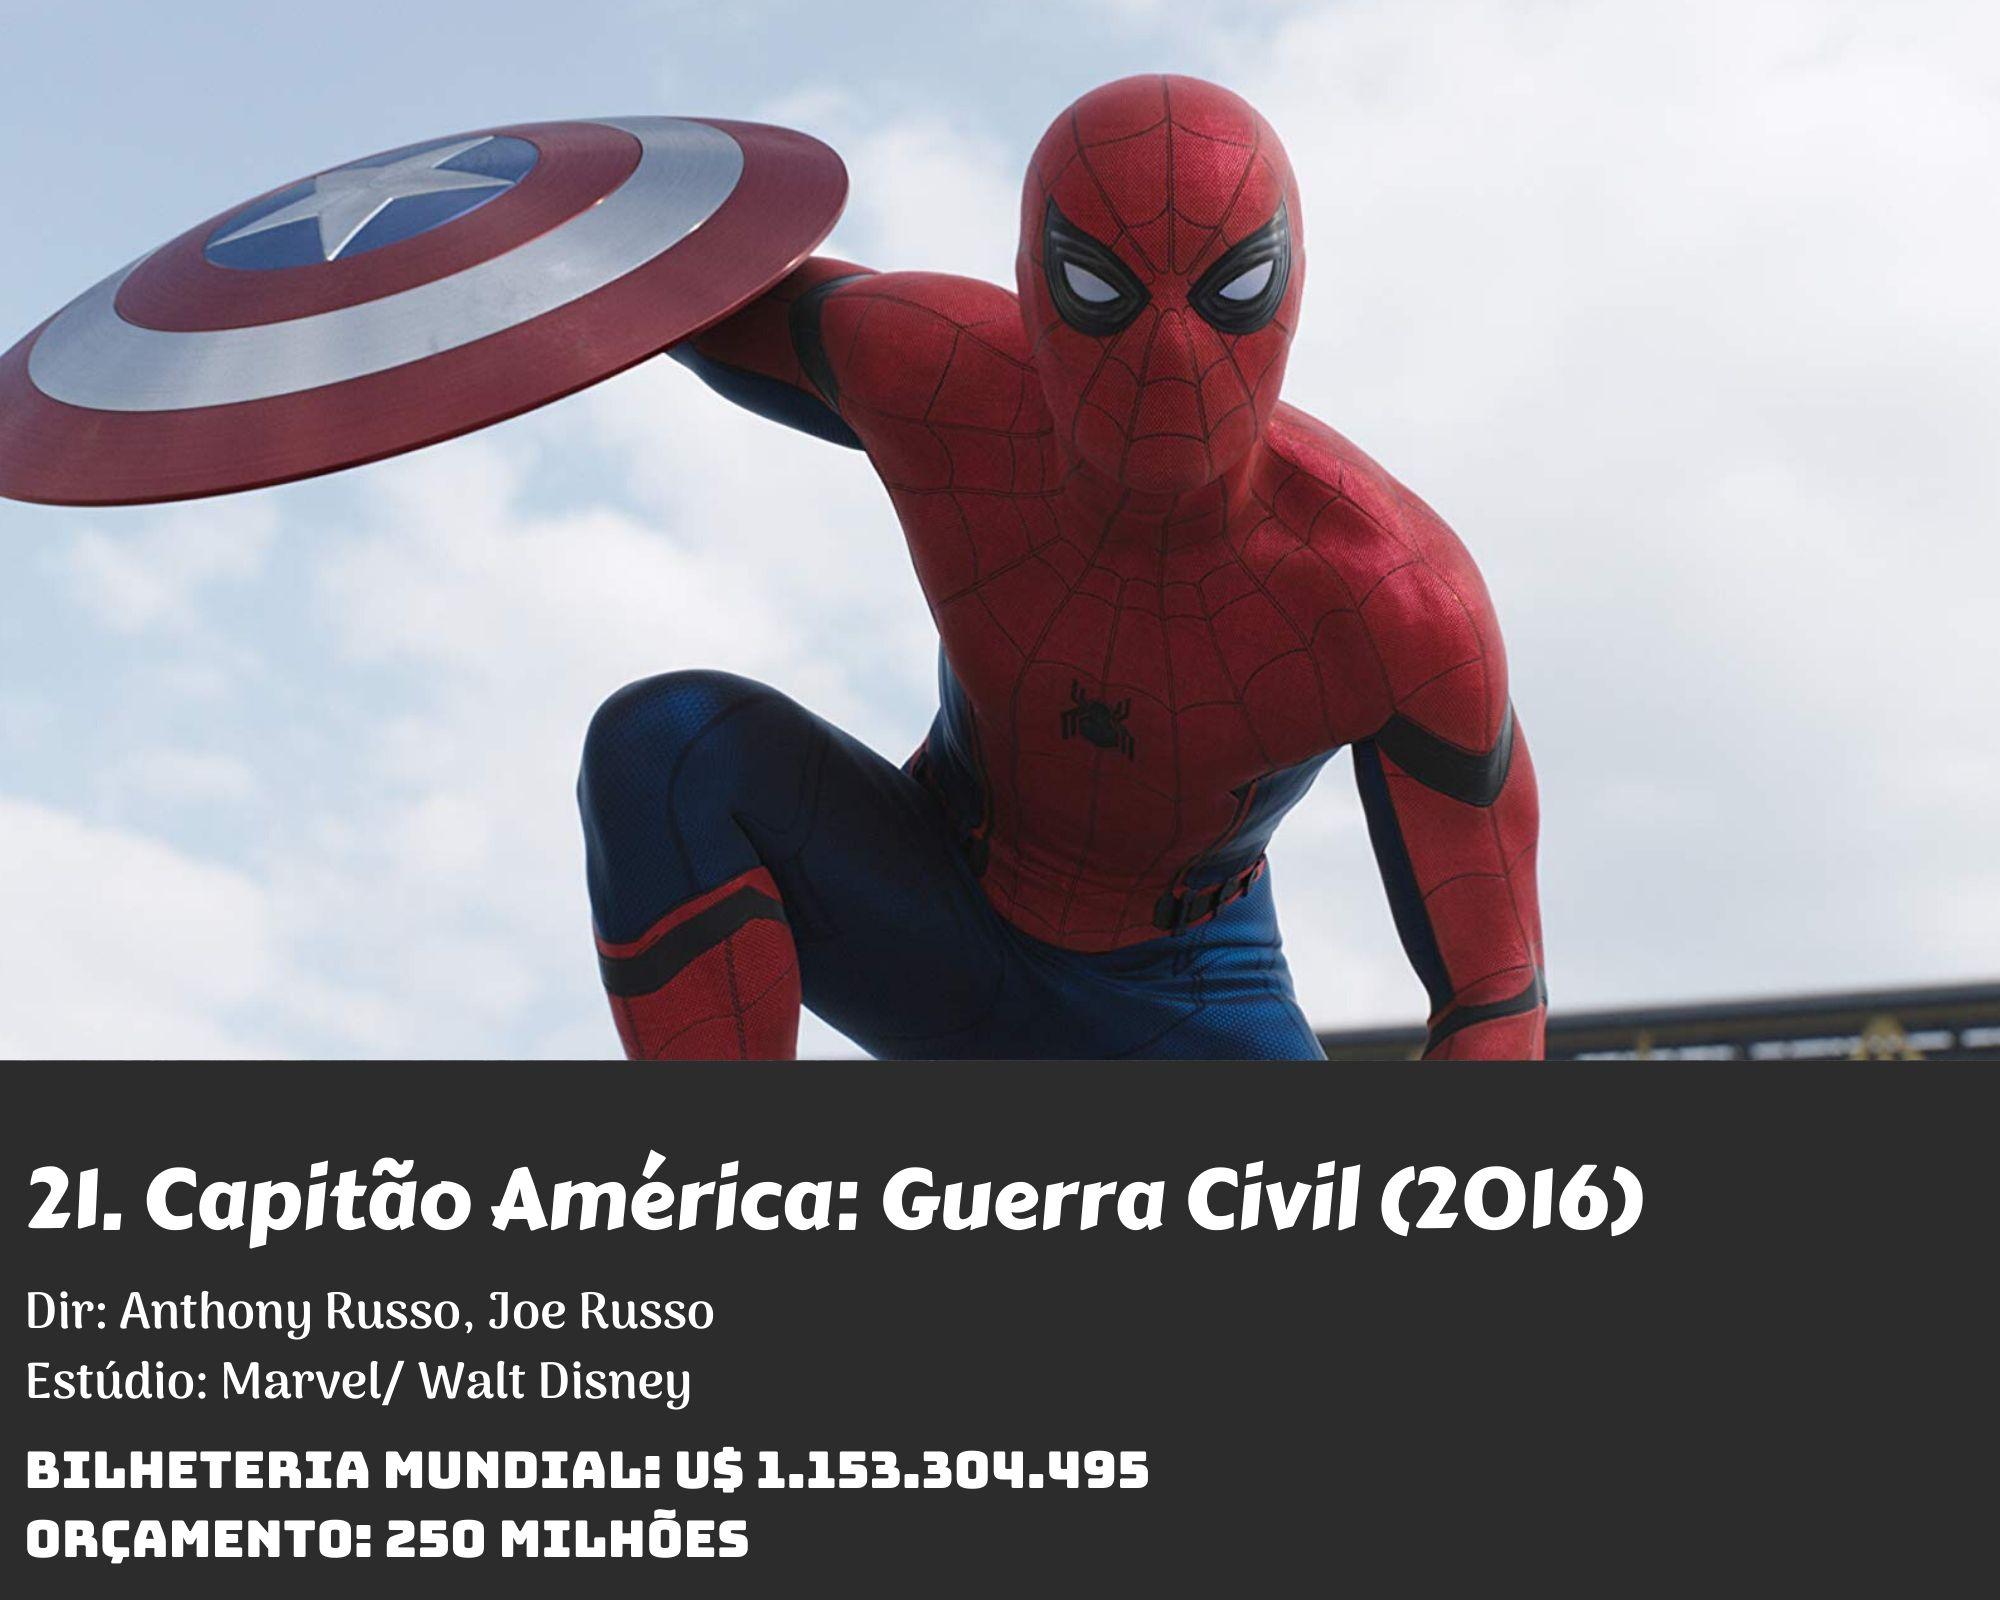 21. Captain America Civil War